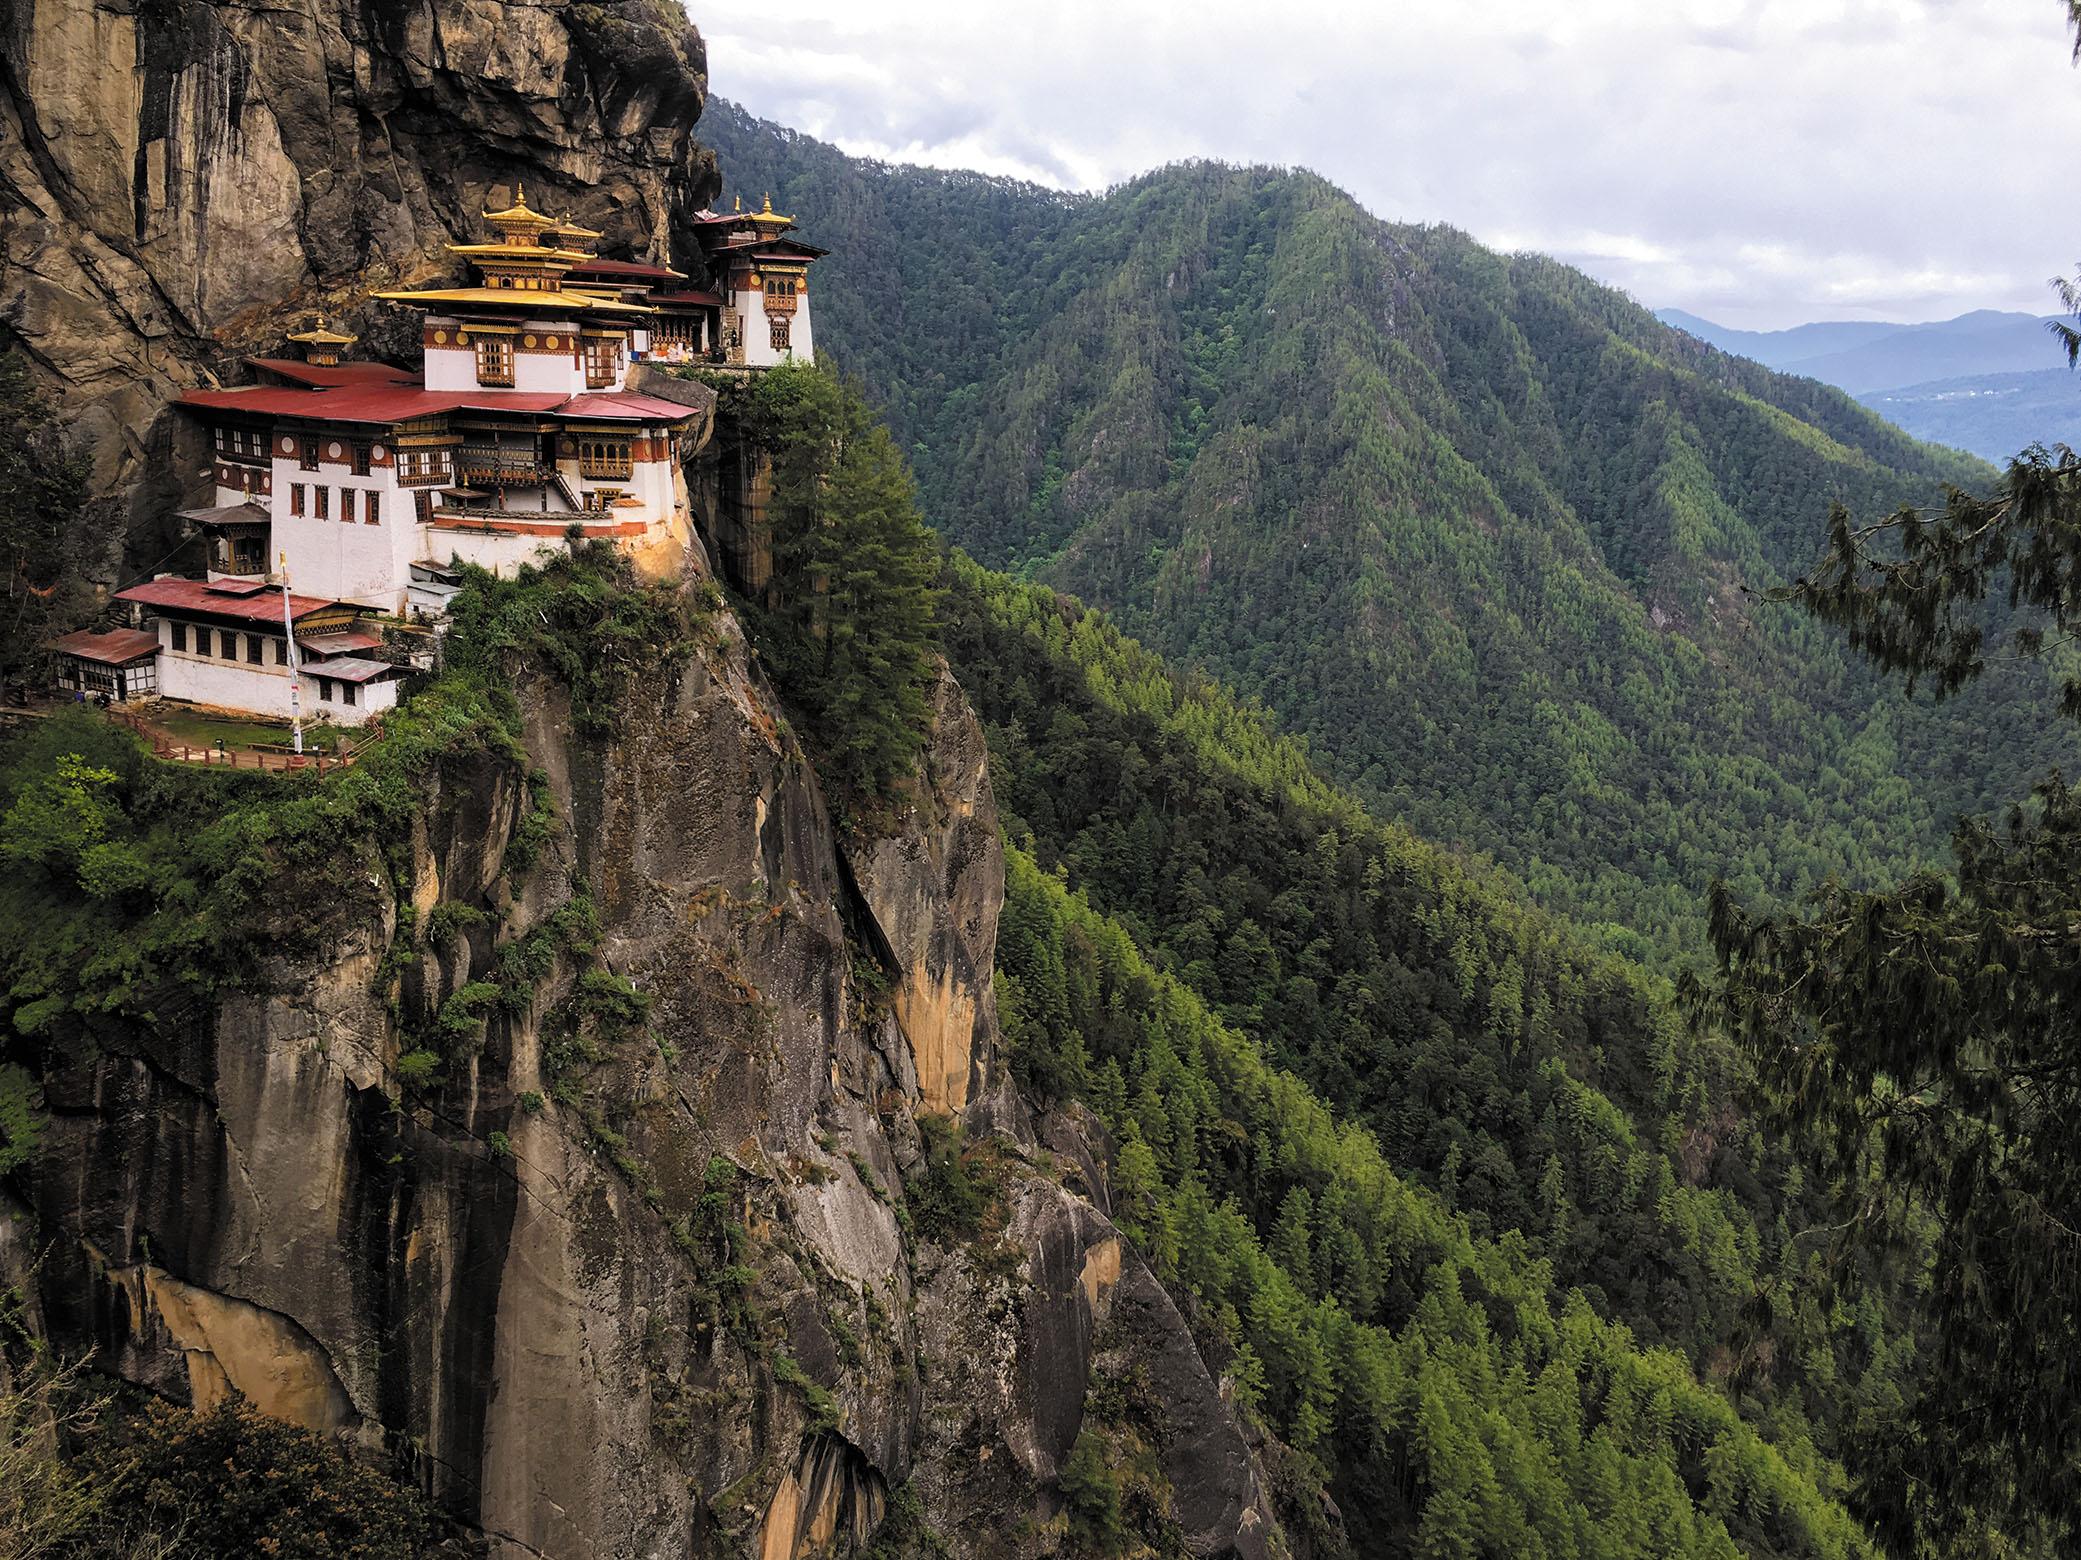 断崖絶壁に建てられた孤高の寺院。ドラゴンズネストと呼ばれ、たどり着くまでは3時間ほどの登山を要する。世界中の仏教徒が参拝に訪れる非常に神聖な場所だ。